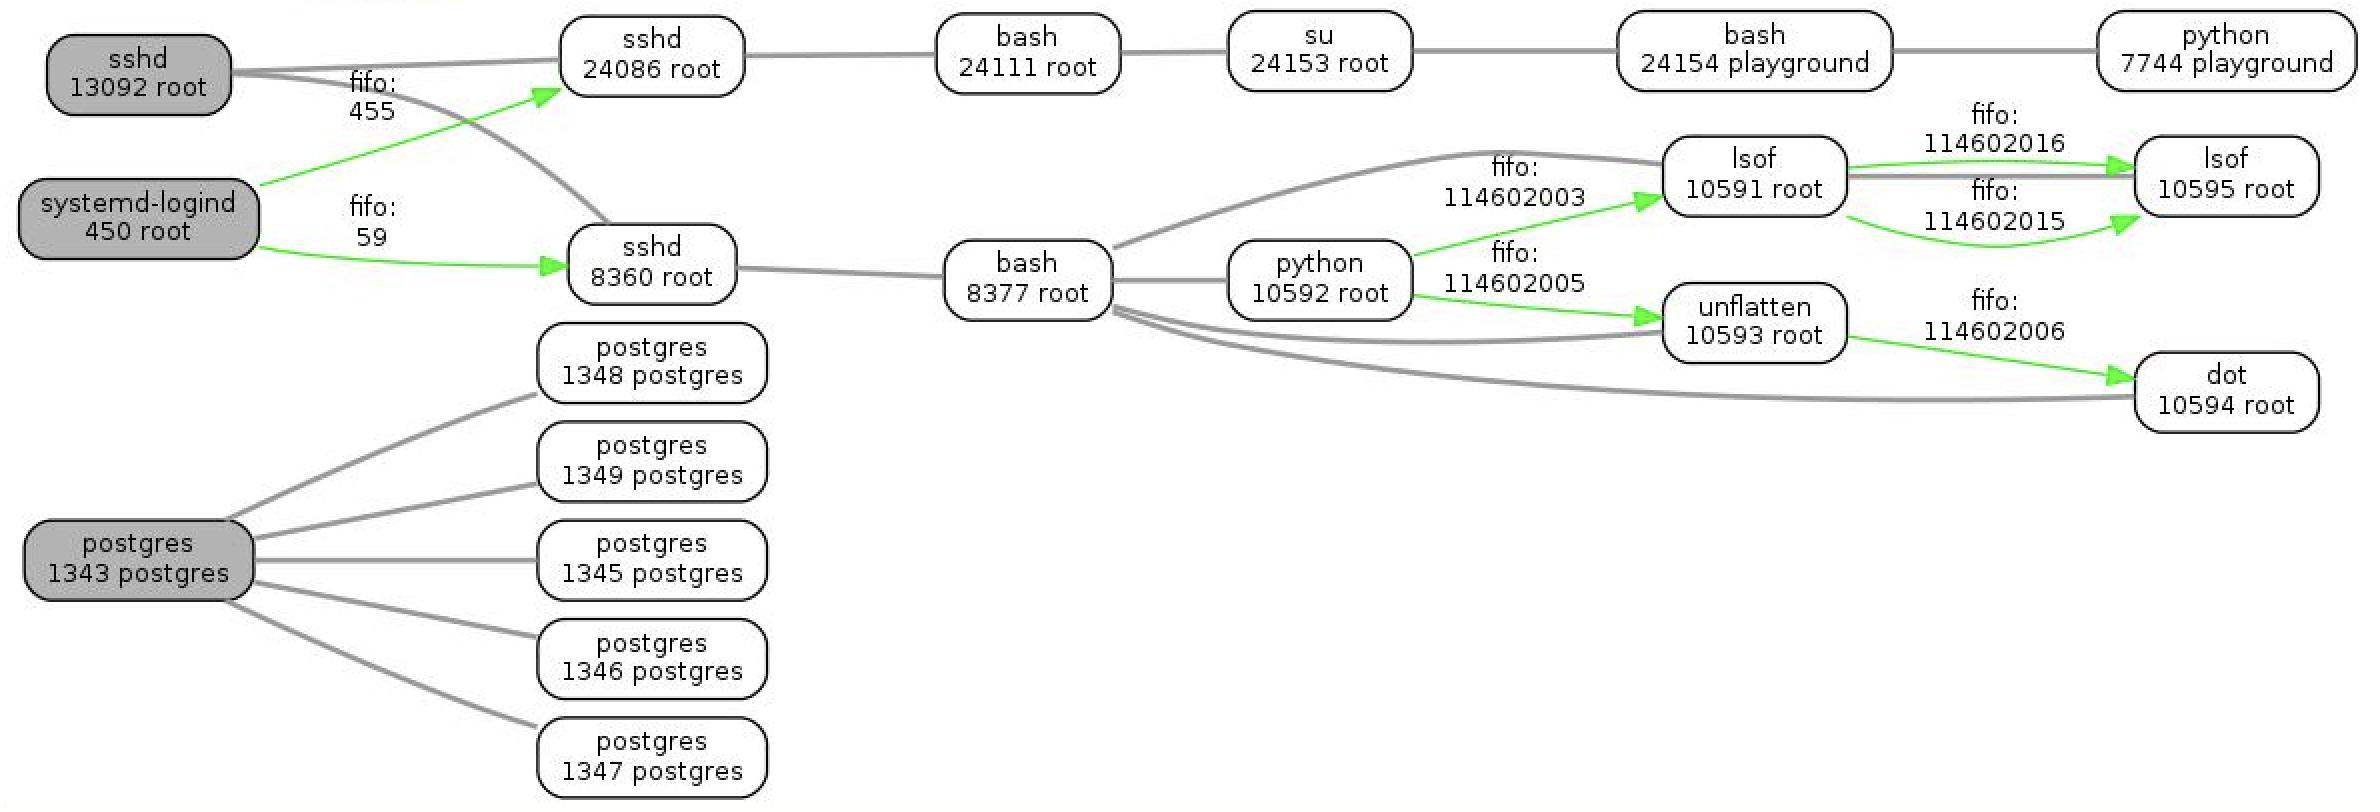 Визуализация связей процессов в Linux - 1